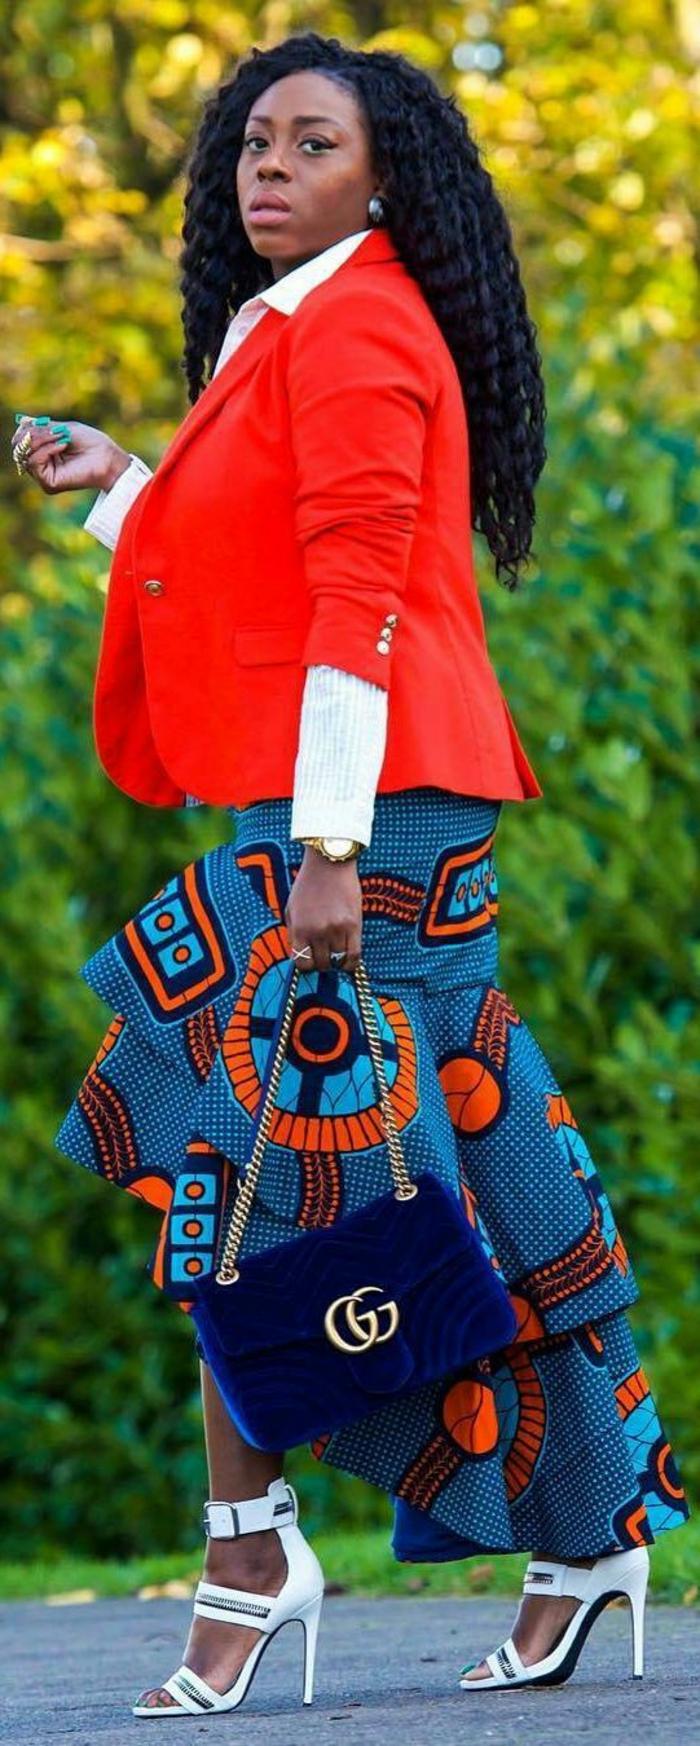 femme avec veste en couleur corail et jupe en bleu électrique et orange, mode africaine, motif africain de pagne